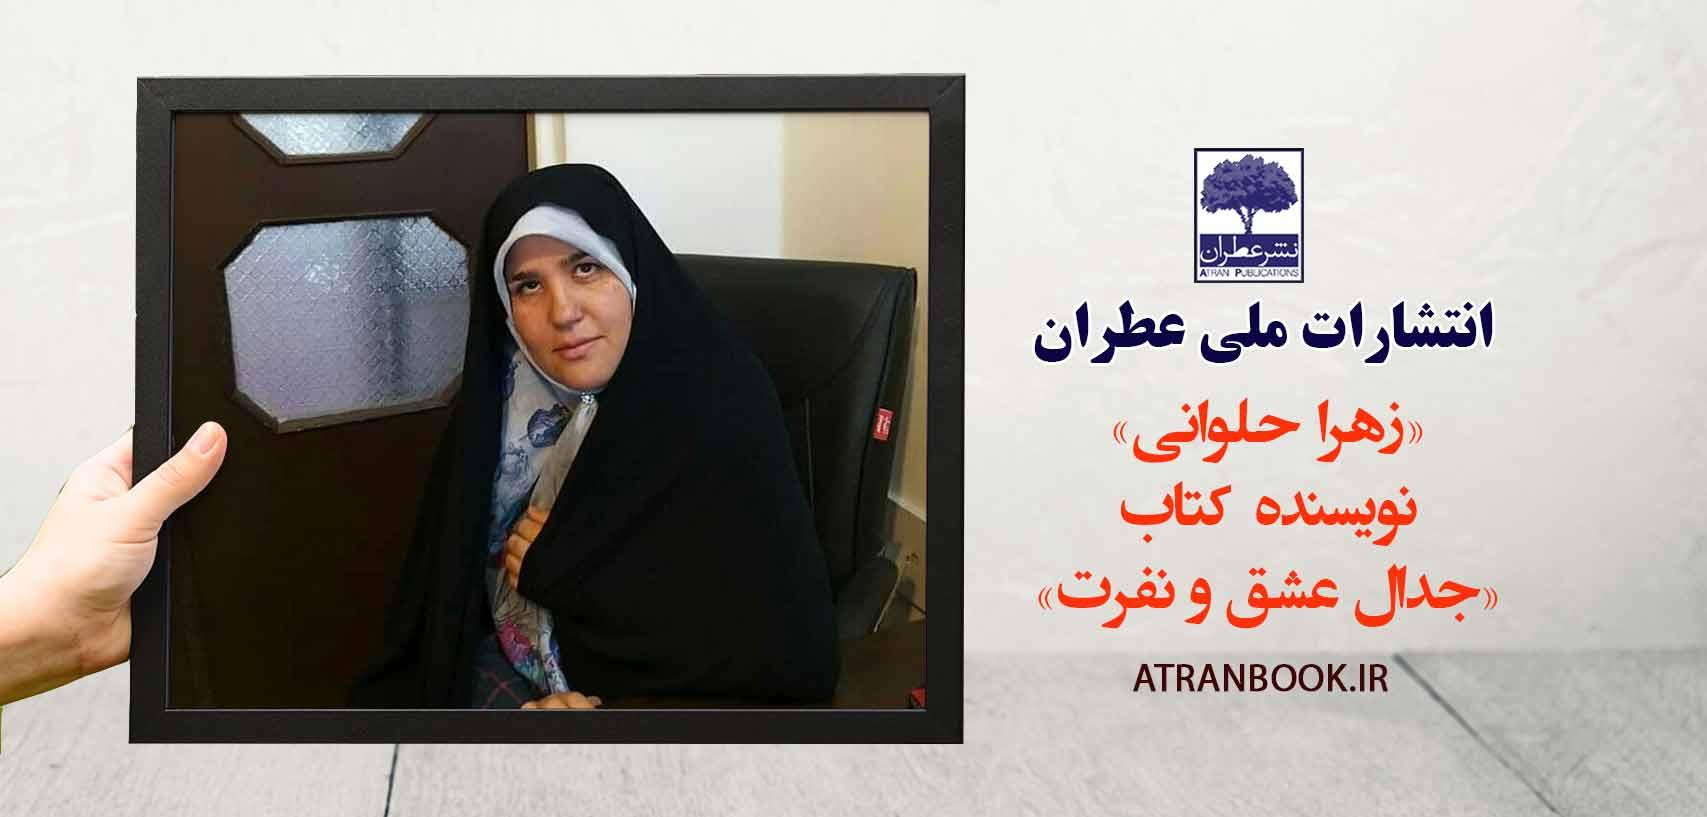 زهرا حلوانی (زریماه): نویسنده کتاب